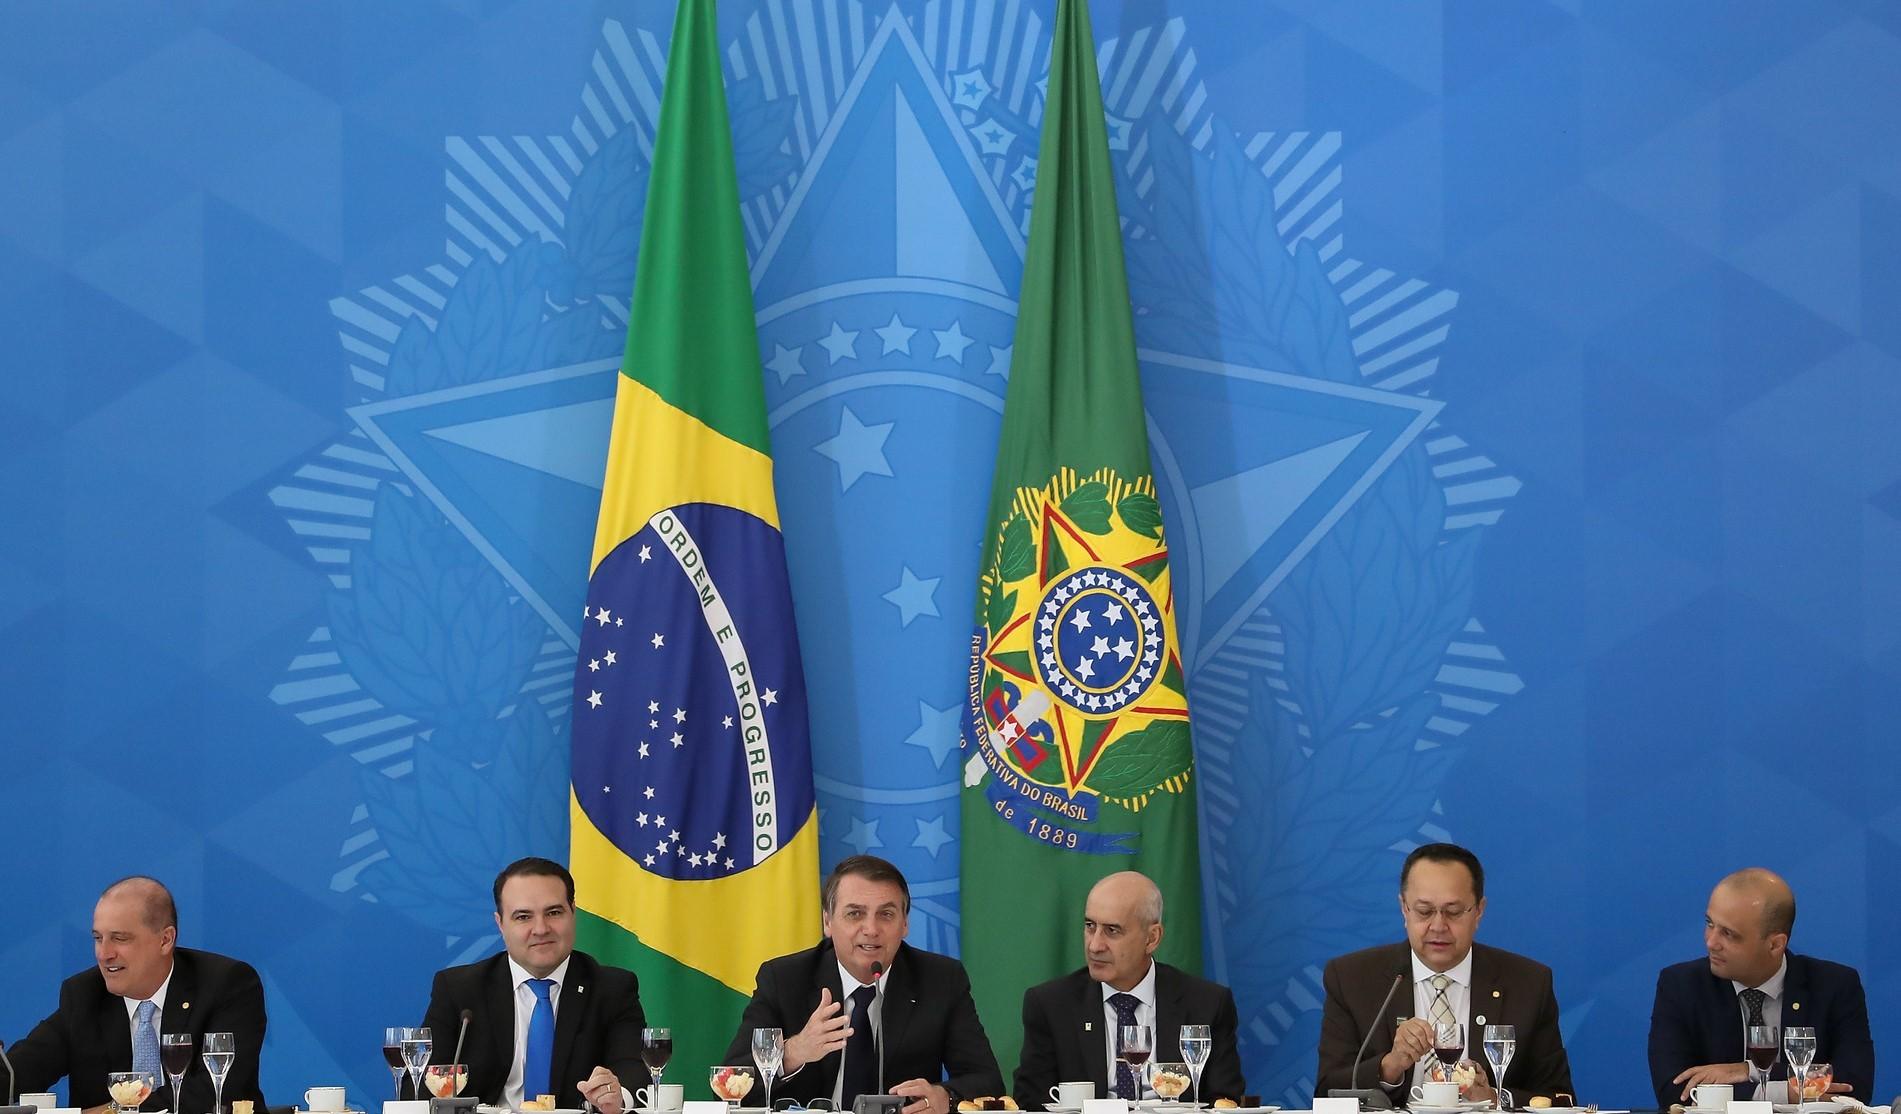 Bolsonaro diz que discute com governadores revisão de áreas de proteção ambiental - Notícias - Plantão Diário